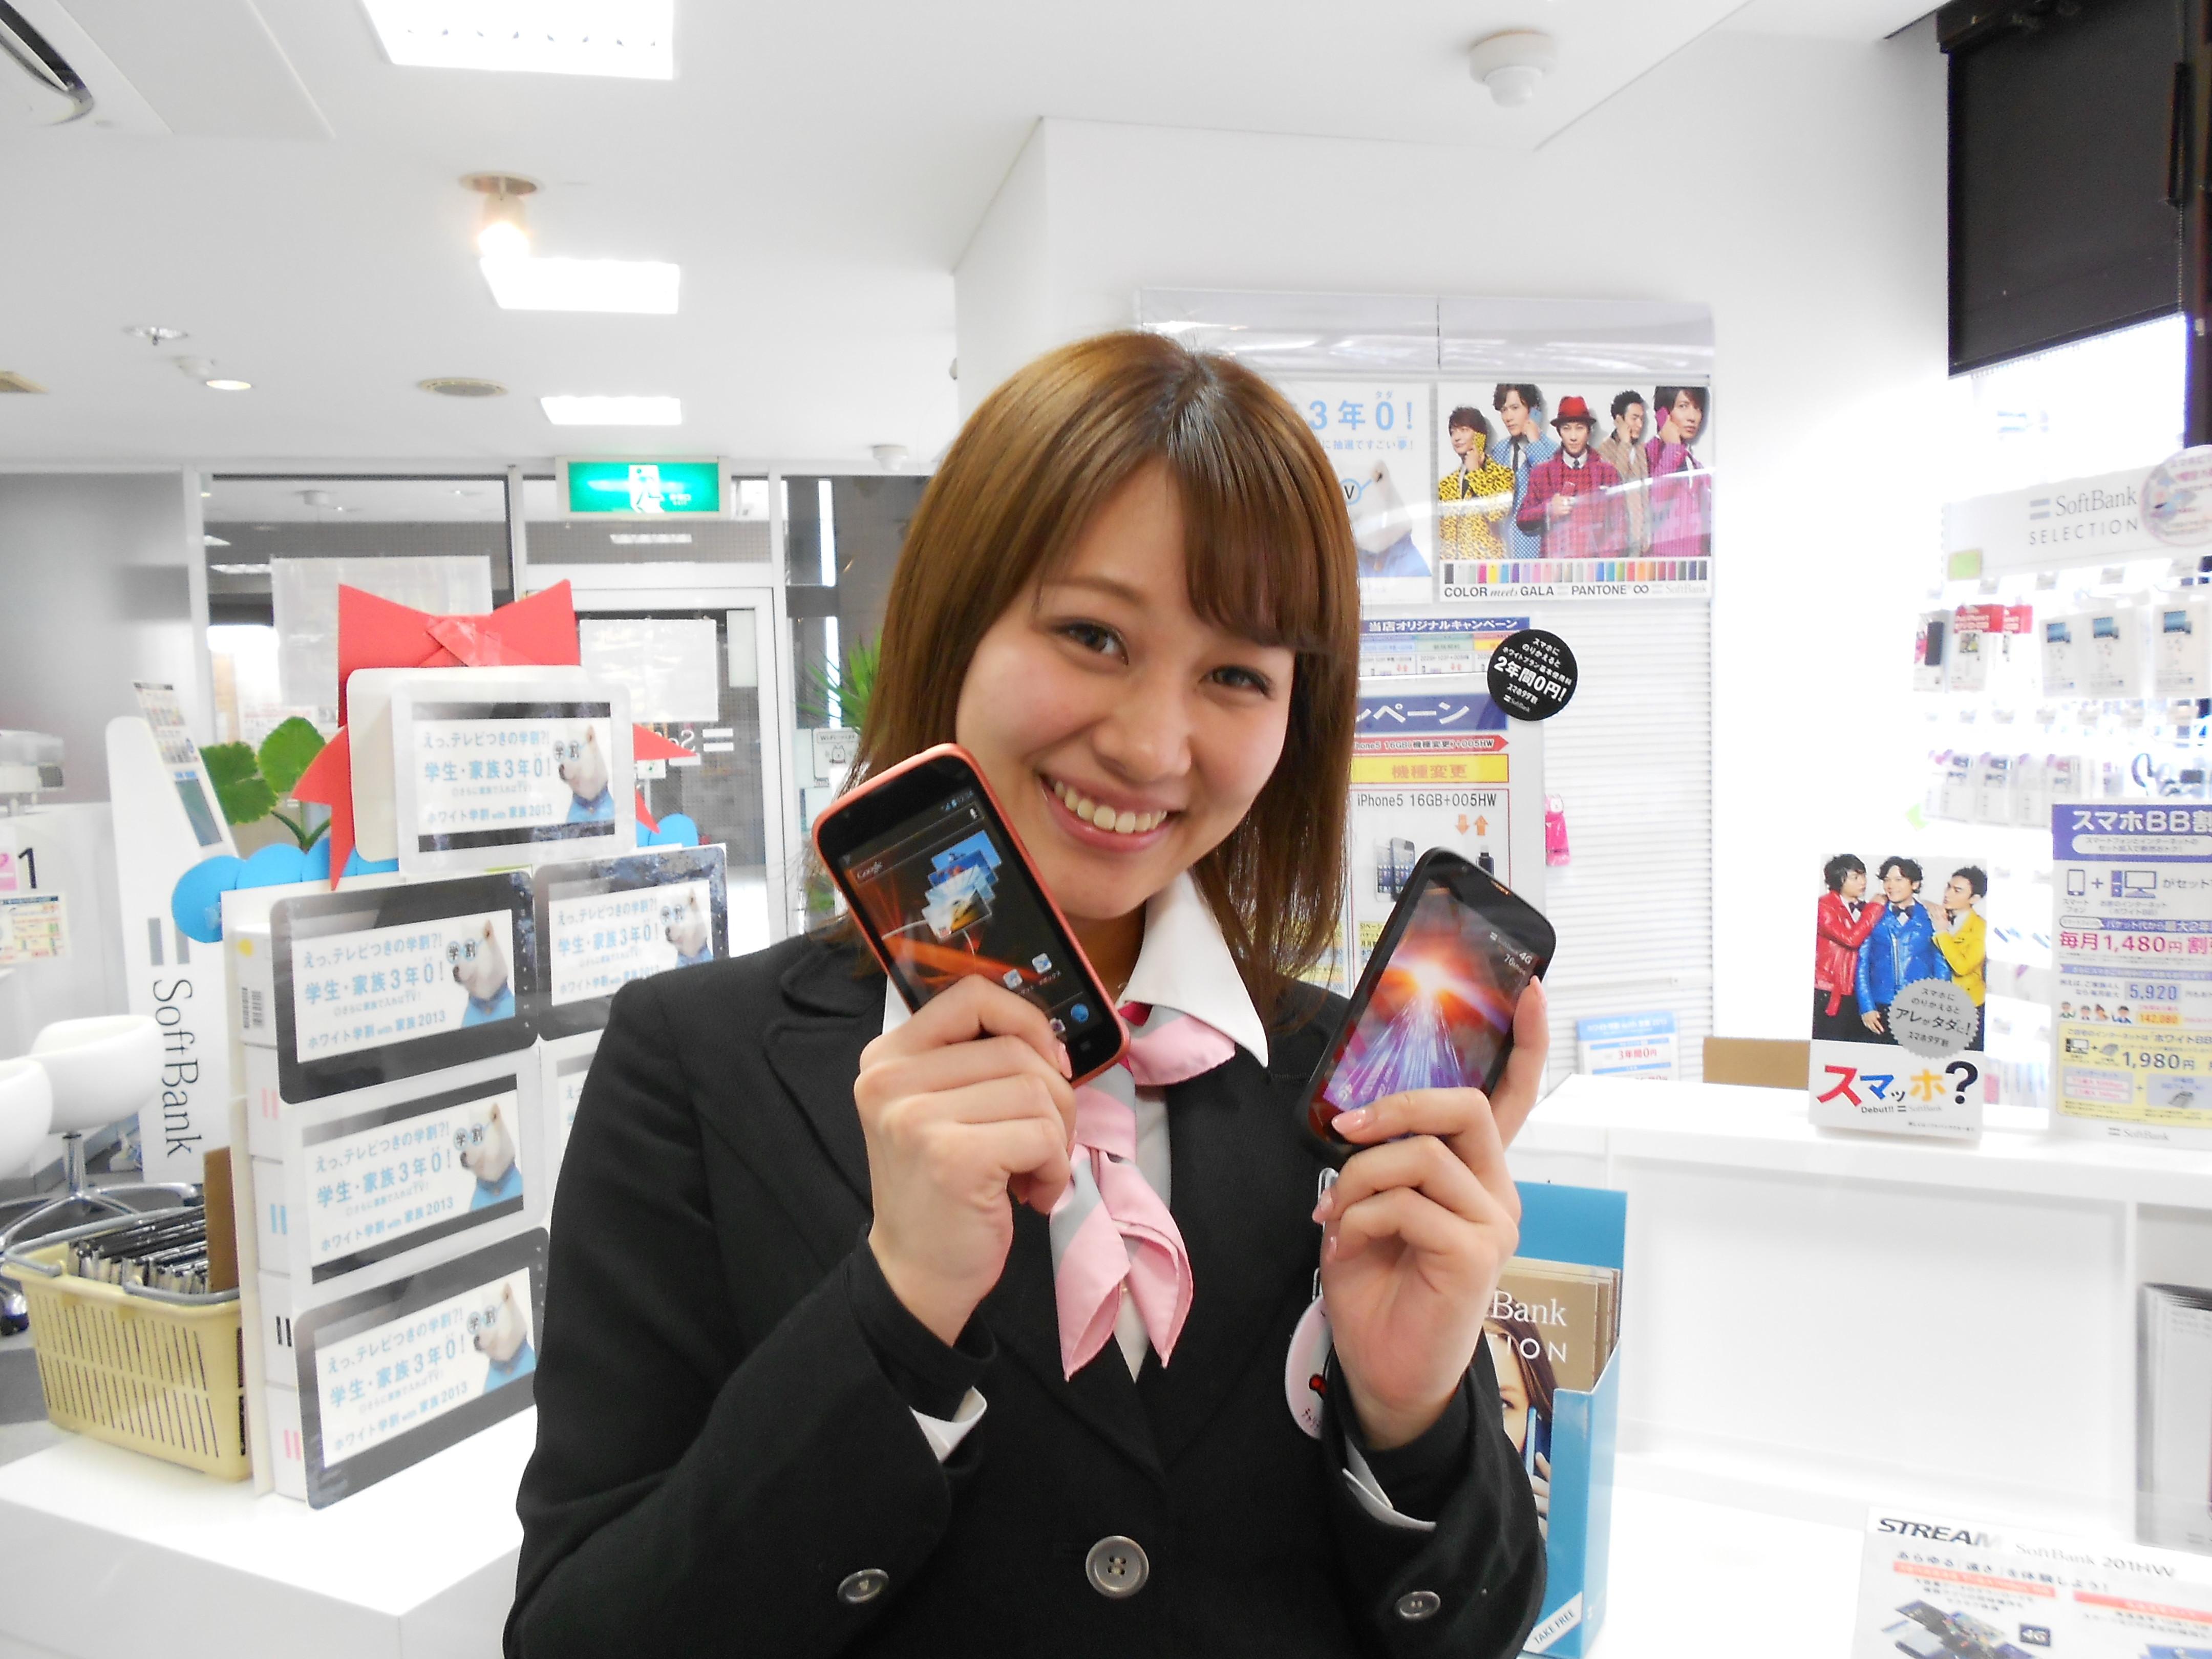 ソフトバンク 洋光台店(株式会社シエロ)のアルバイト情報